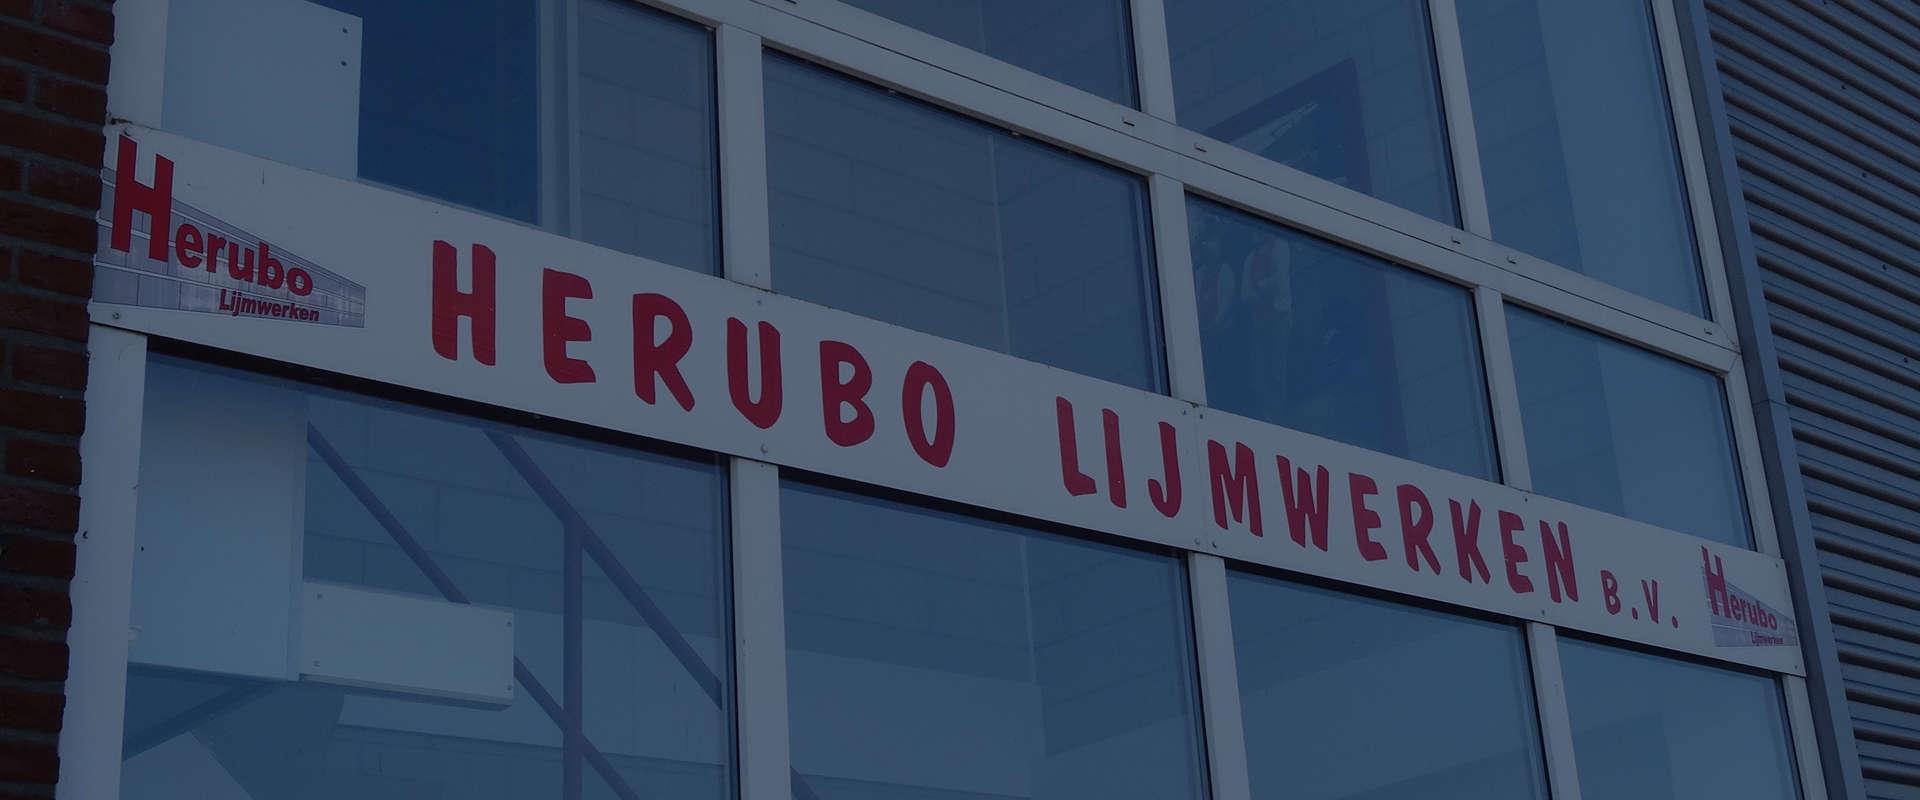 Samen sterk met Herubo's lijmwerk